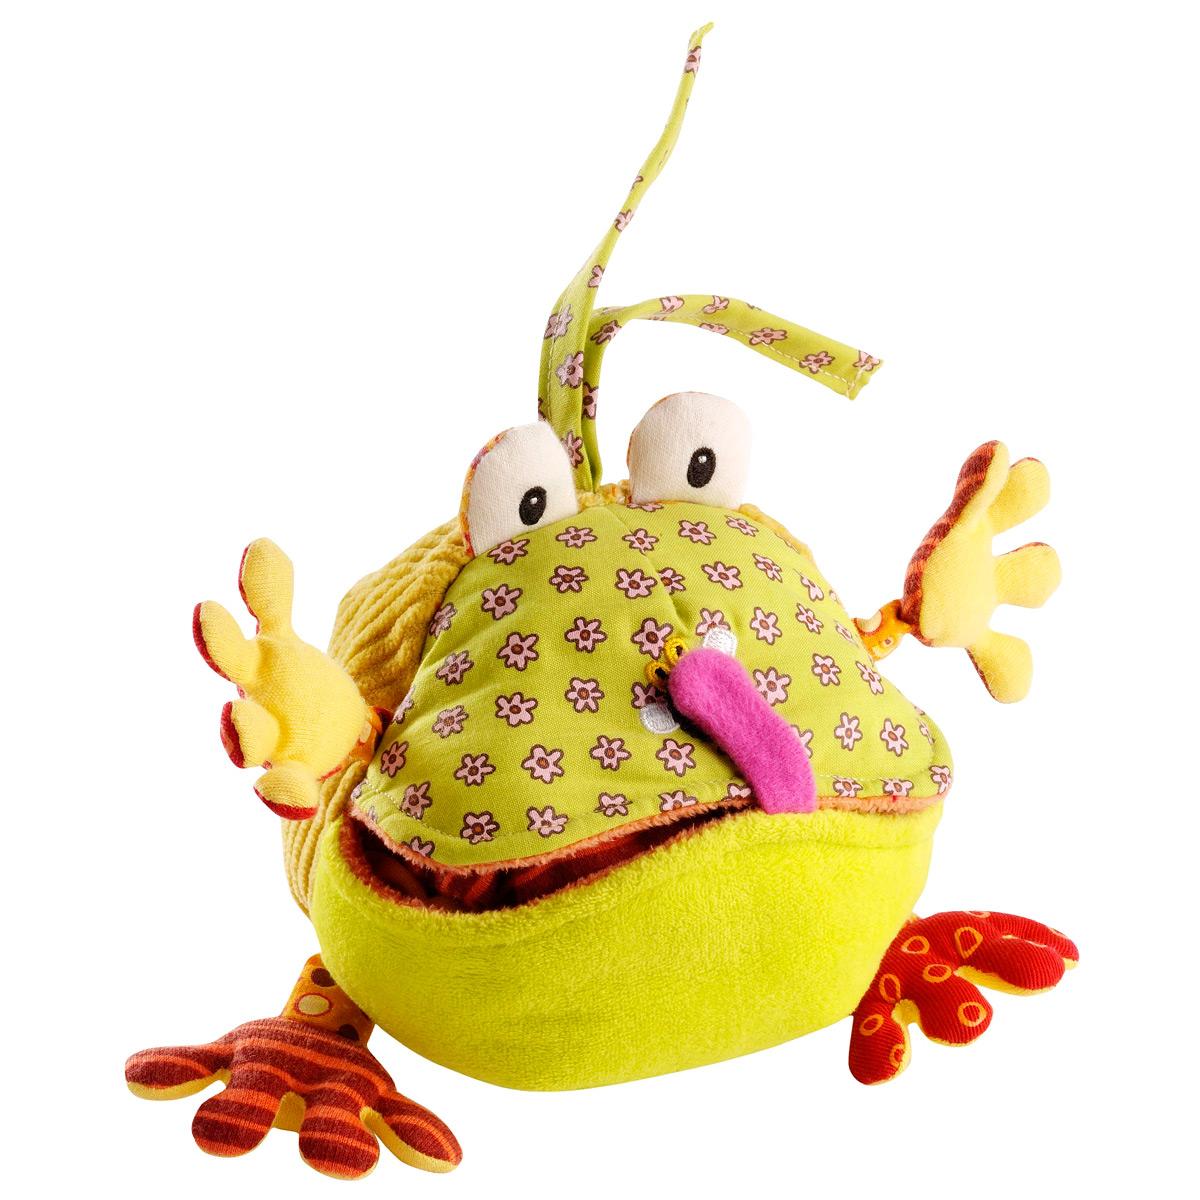 Двойная погремушка Lilliputiens Жаба Ромео86252Двойная погремушка Lilliputiens Жаба Ромео выполнена из текстильного материала разных фактур в виде милой жабы, которую зовут Ромео. Одним легким движением Ромео превращается в забавного симпатичного краба - нужно просто вывернуть игрушку и зафиксировать в получившемся виде с помощью липучки. В одной из расходящихся при выворачивании створках задней части спрятан шуршащий элемент. Внутри игрушки находятся звенящая при тряске сфера. Одну клешню краба можно оттягивать благодаря резинке, в другой расположена пищалка. Тельце краба дополнено мелкими прорезиненными точечками. С помощью двух веревочек игрушку можно прикрепить к коляске, кроватке или игровой дуге малыша. Яркая погремушка Lilliputiens Жаба Ромео поможет ребенку в развитии цветового и звукового восприятия, концентрации внимания, мелкой моторики рук, координации движений и тактильных ощущений.